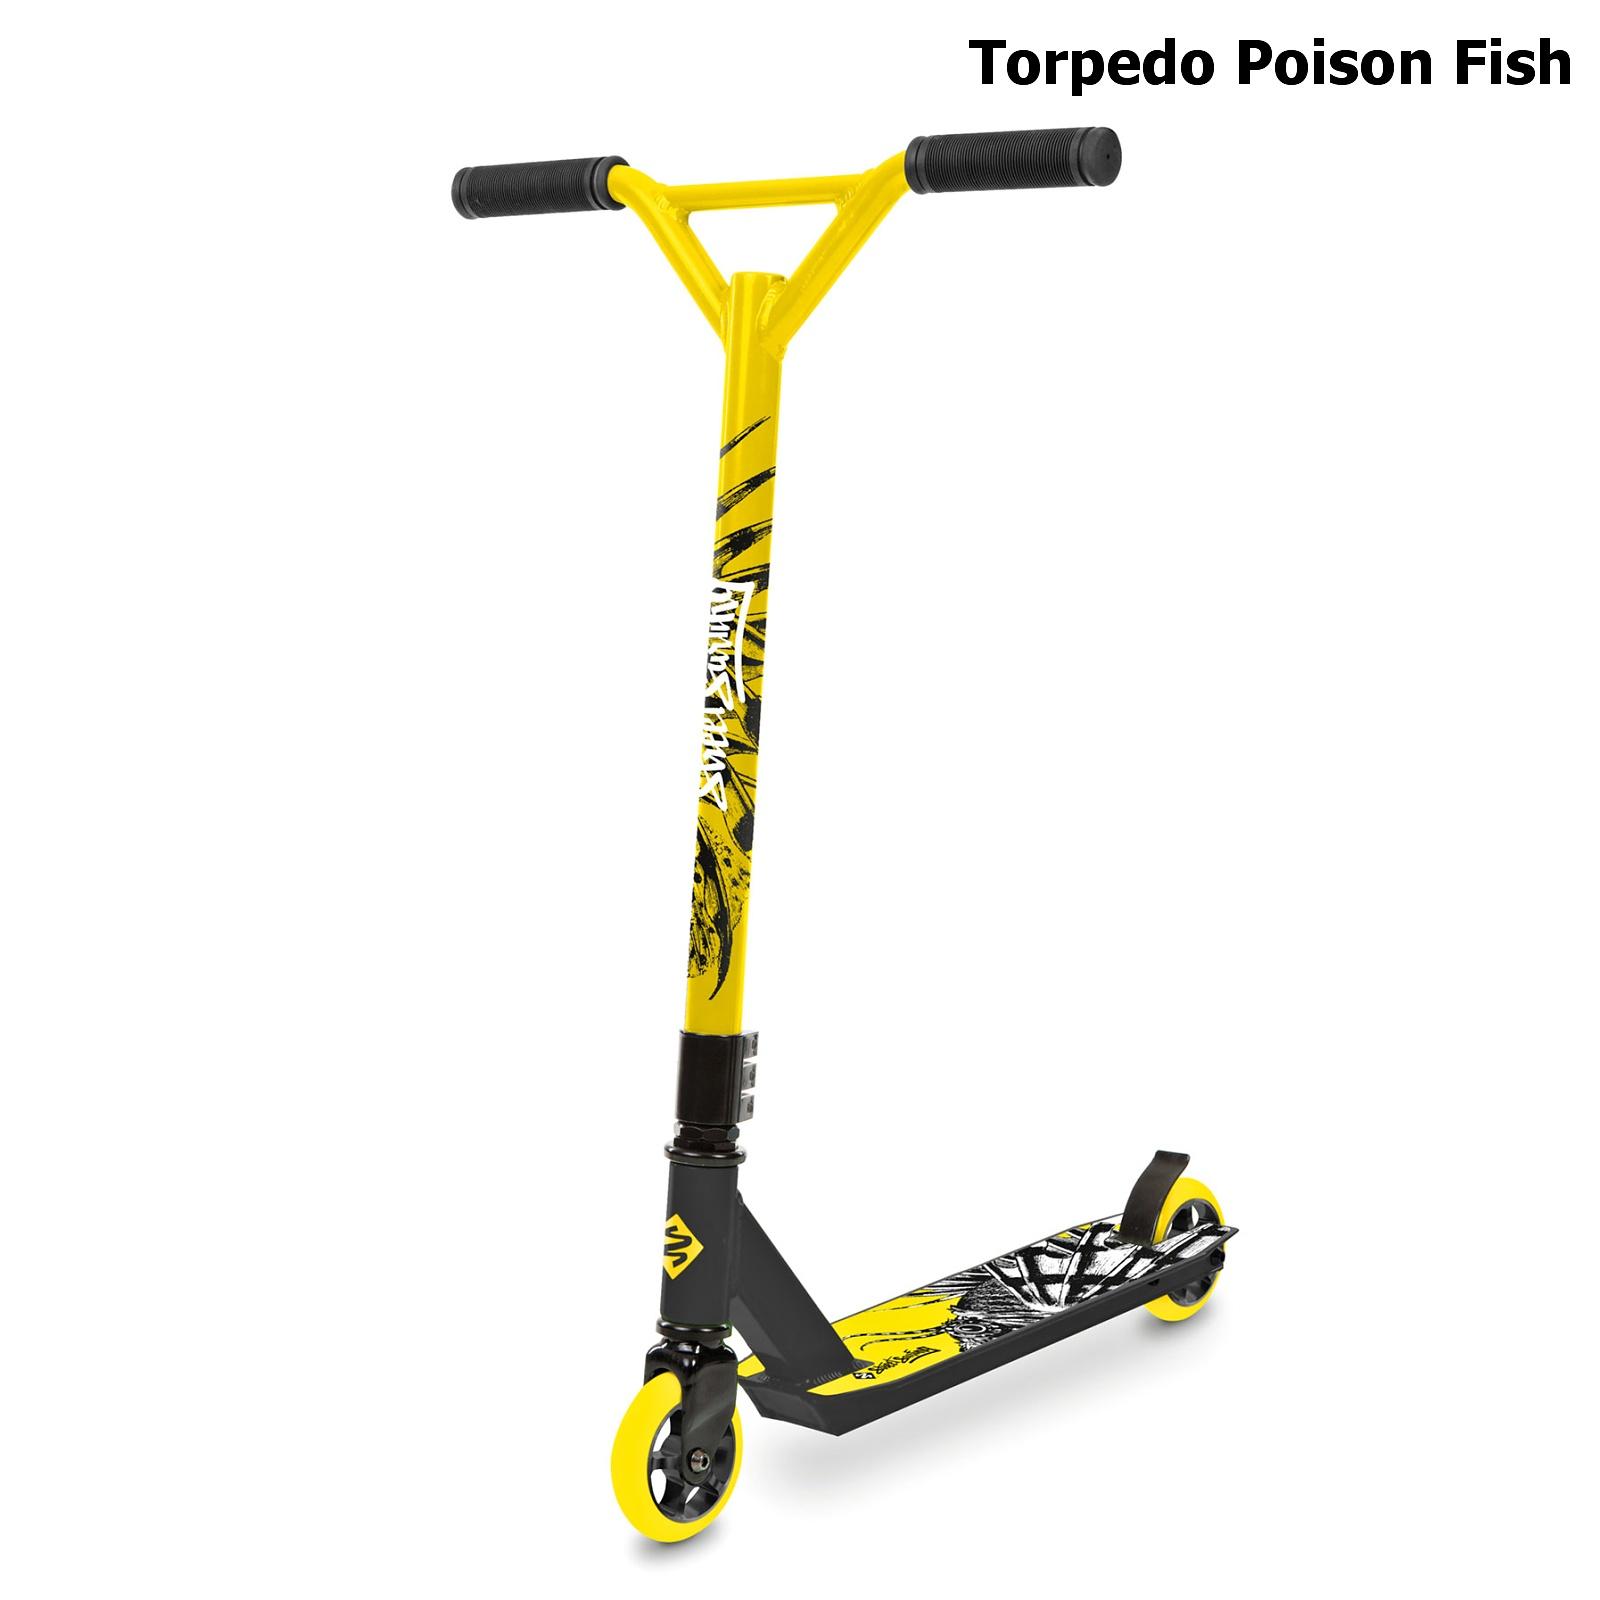 STREET SURFING Torpedo